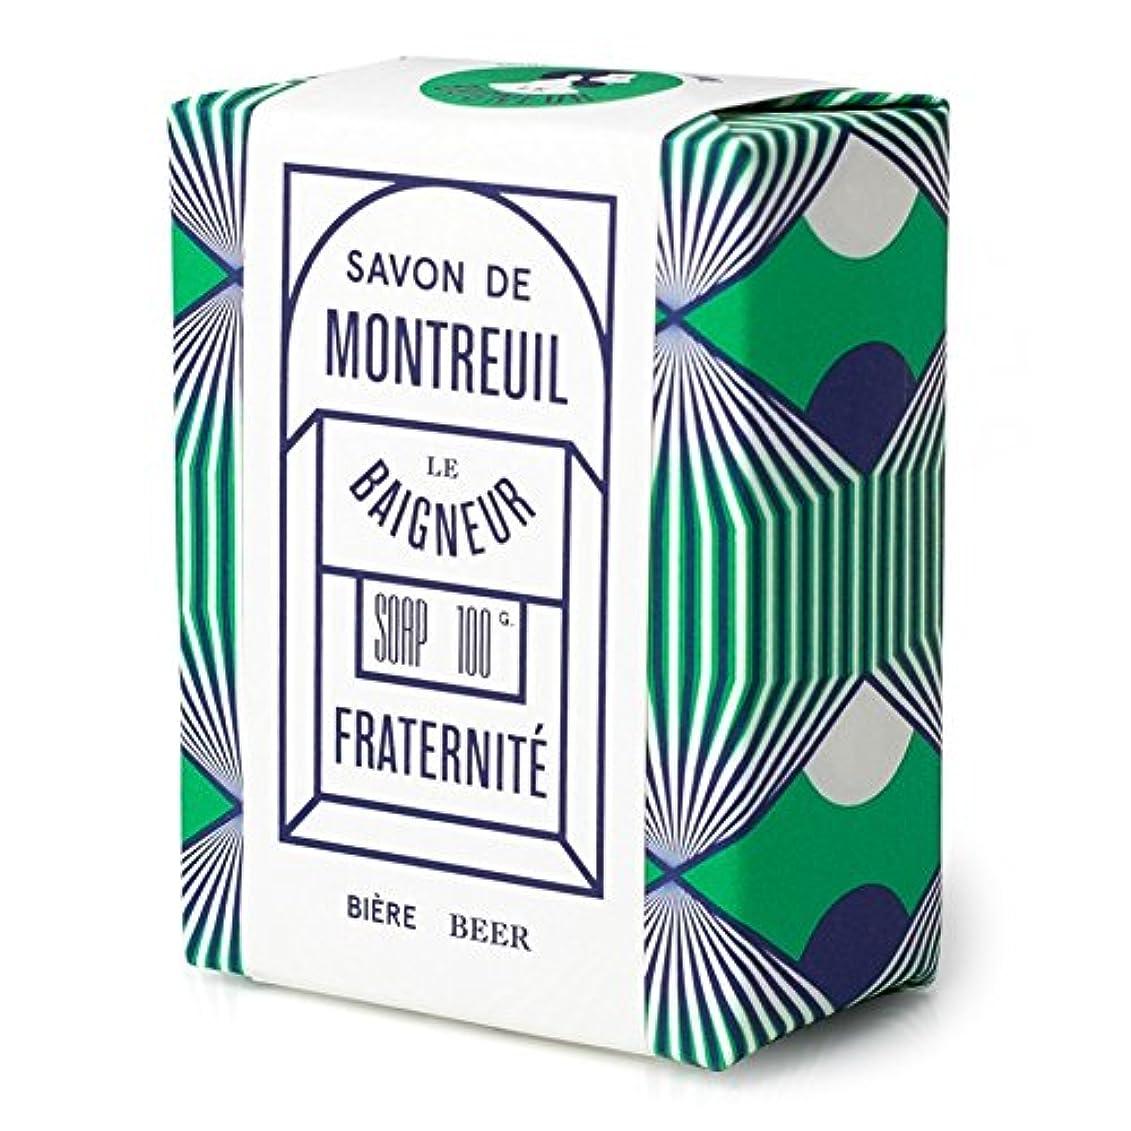 中絶懸念丈夫ル 石鹸100グラム x2 - Le Baigneur Fraternite Soap 100g (Pack of 2) [並行輸入品]